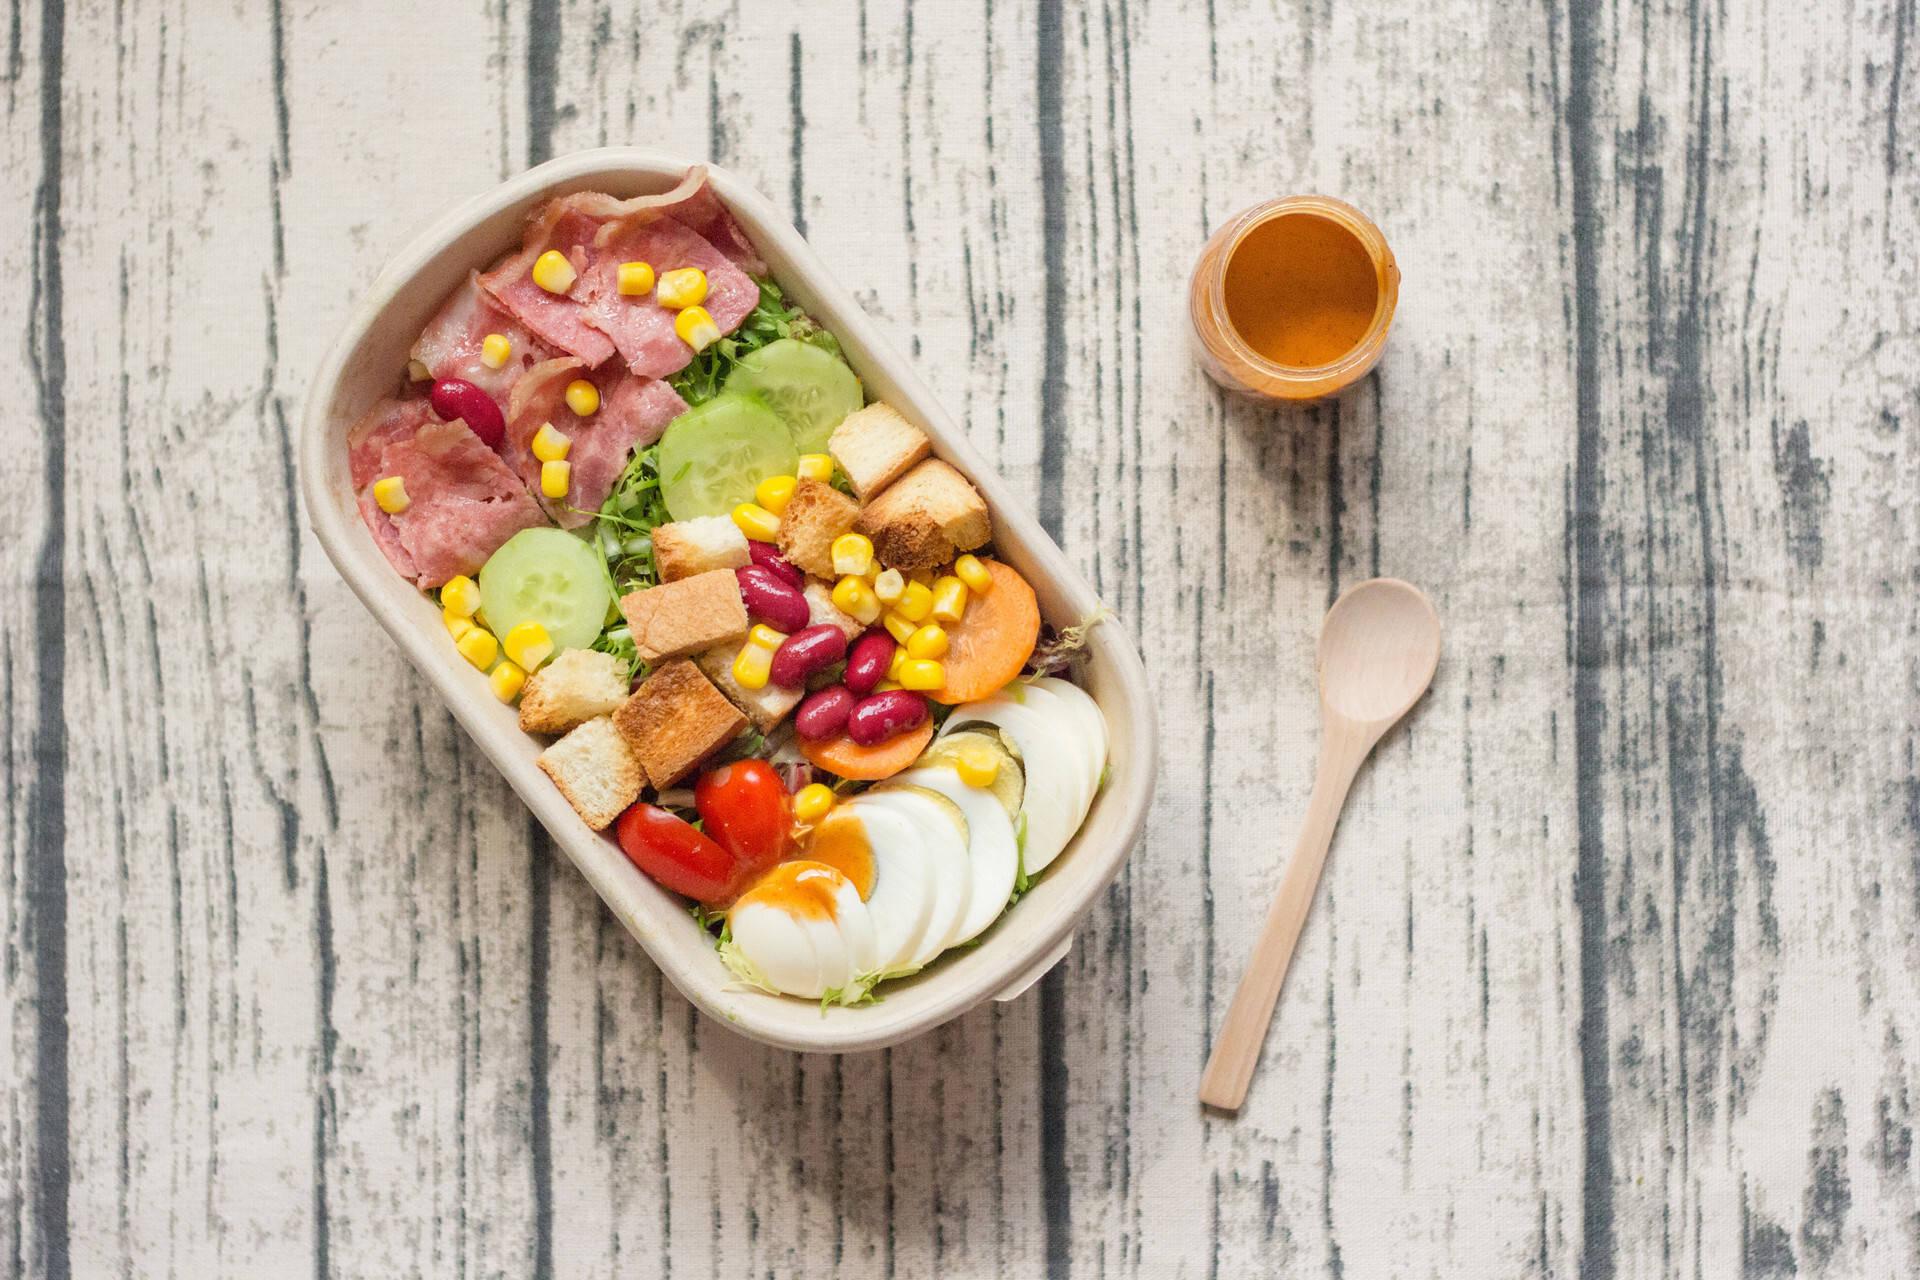 增肥食谱一周肥10斤 民间增肥最快的小偏方